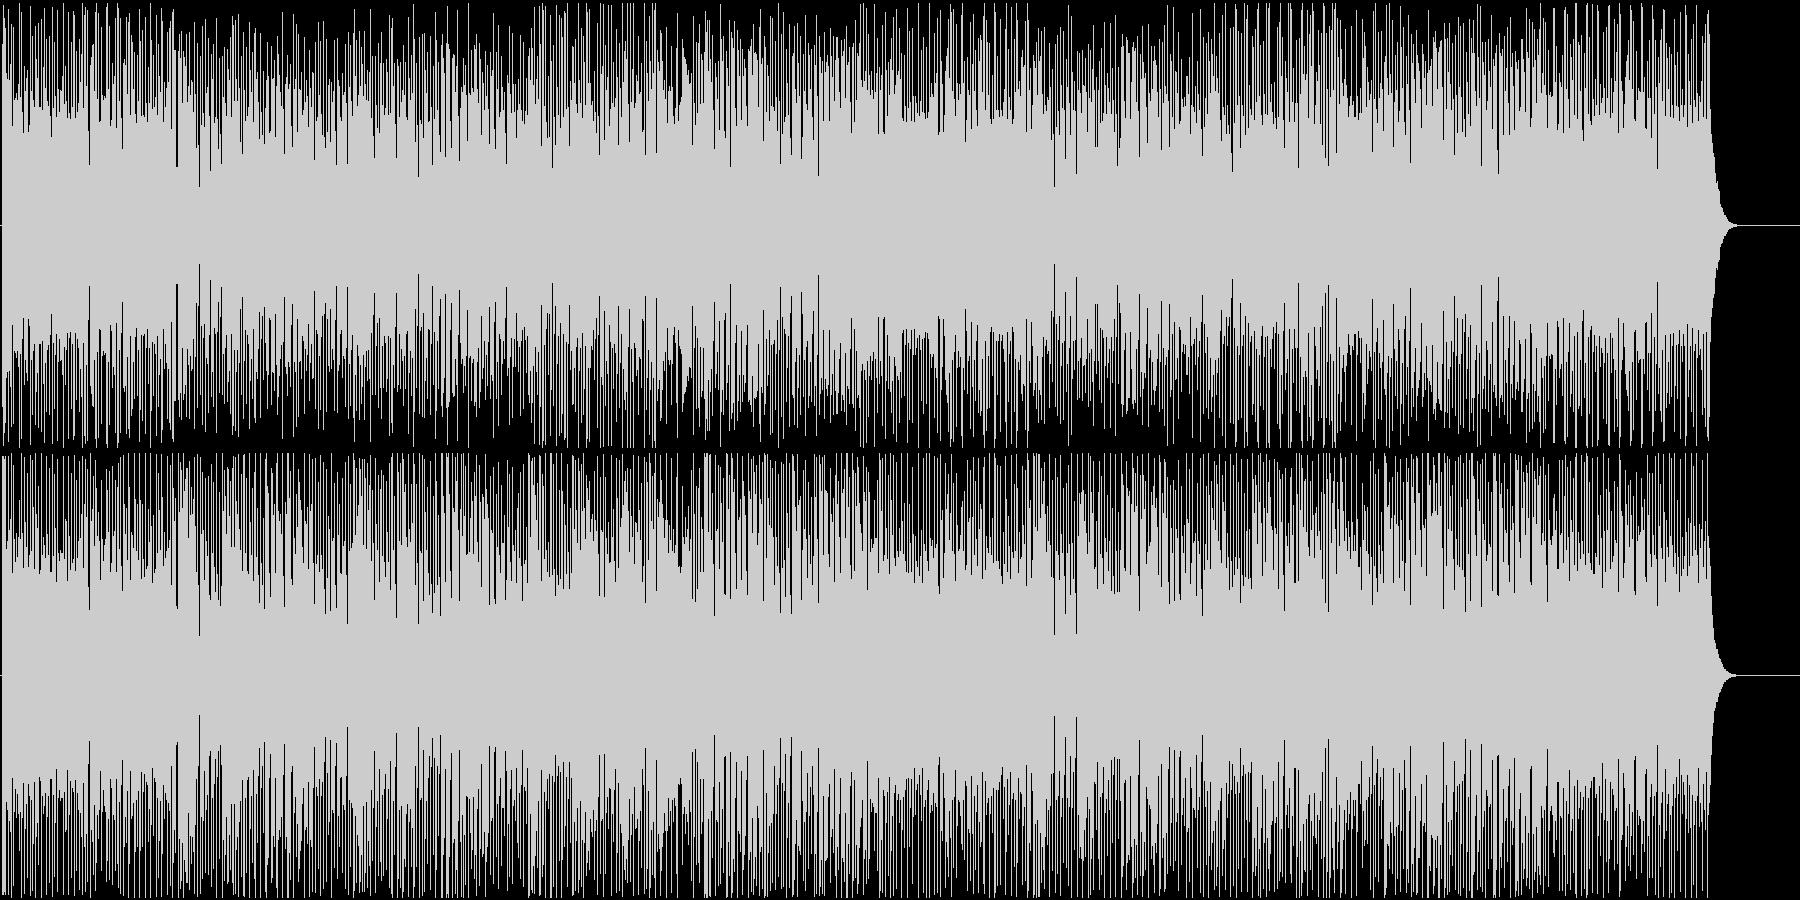 若さあふれる懐かしいディスコBGMの未再生の波形